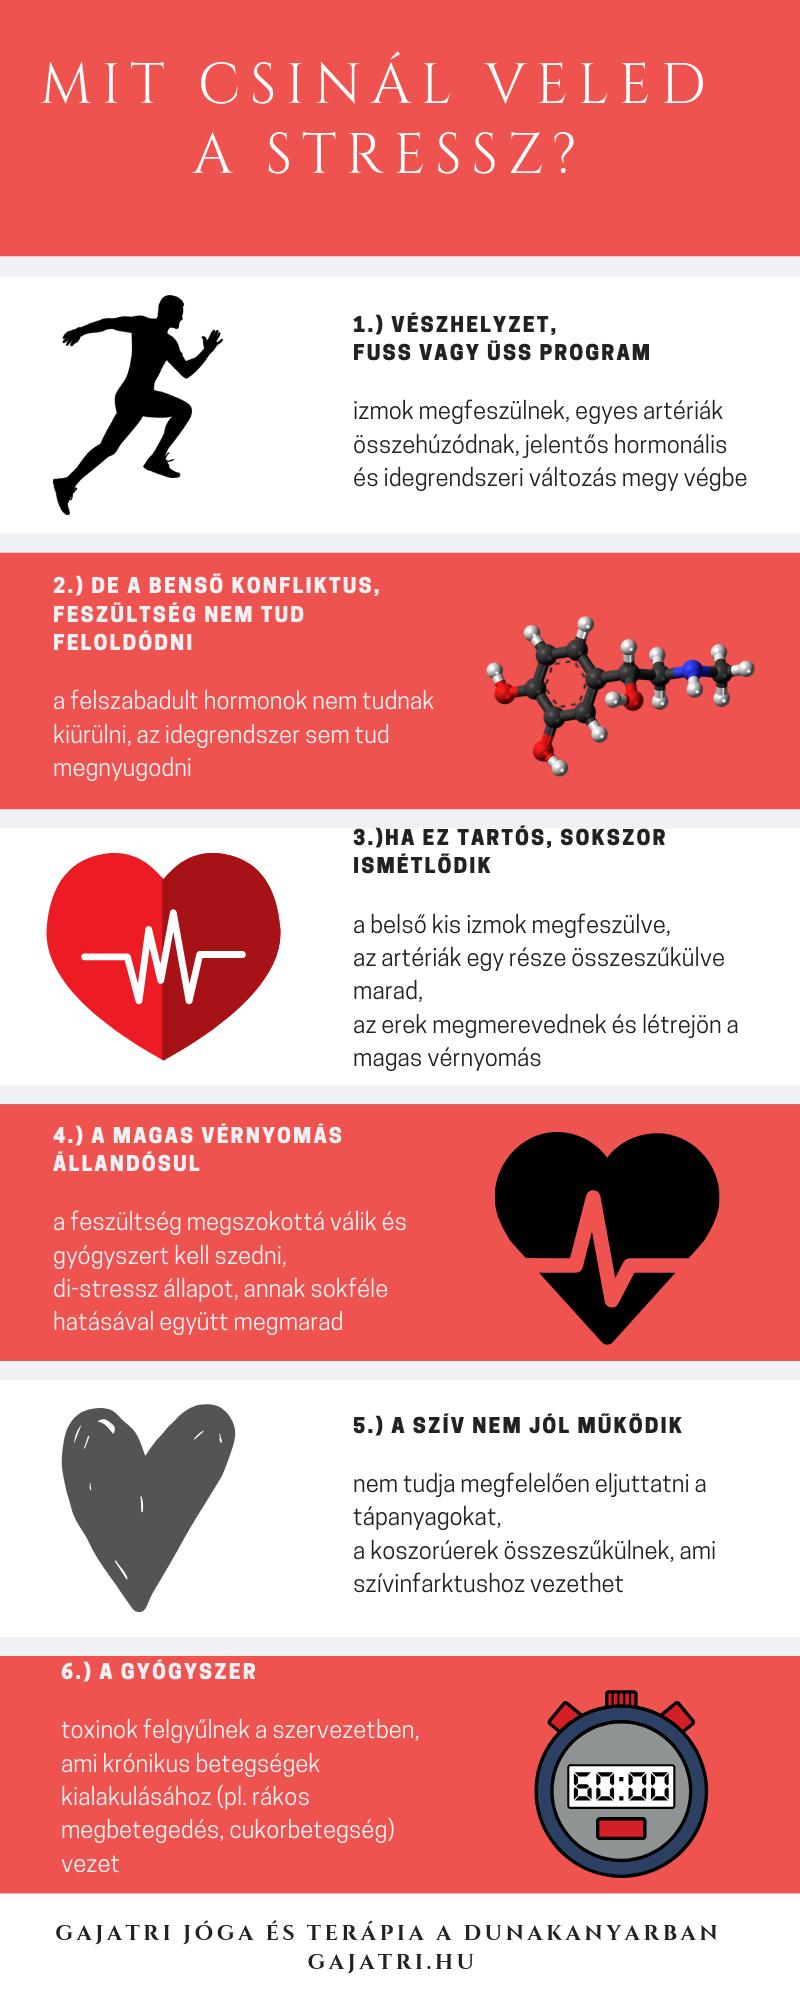 tea összetétele a magas vérnyomás ellen a betegség belső képe a magas vérnyomásért